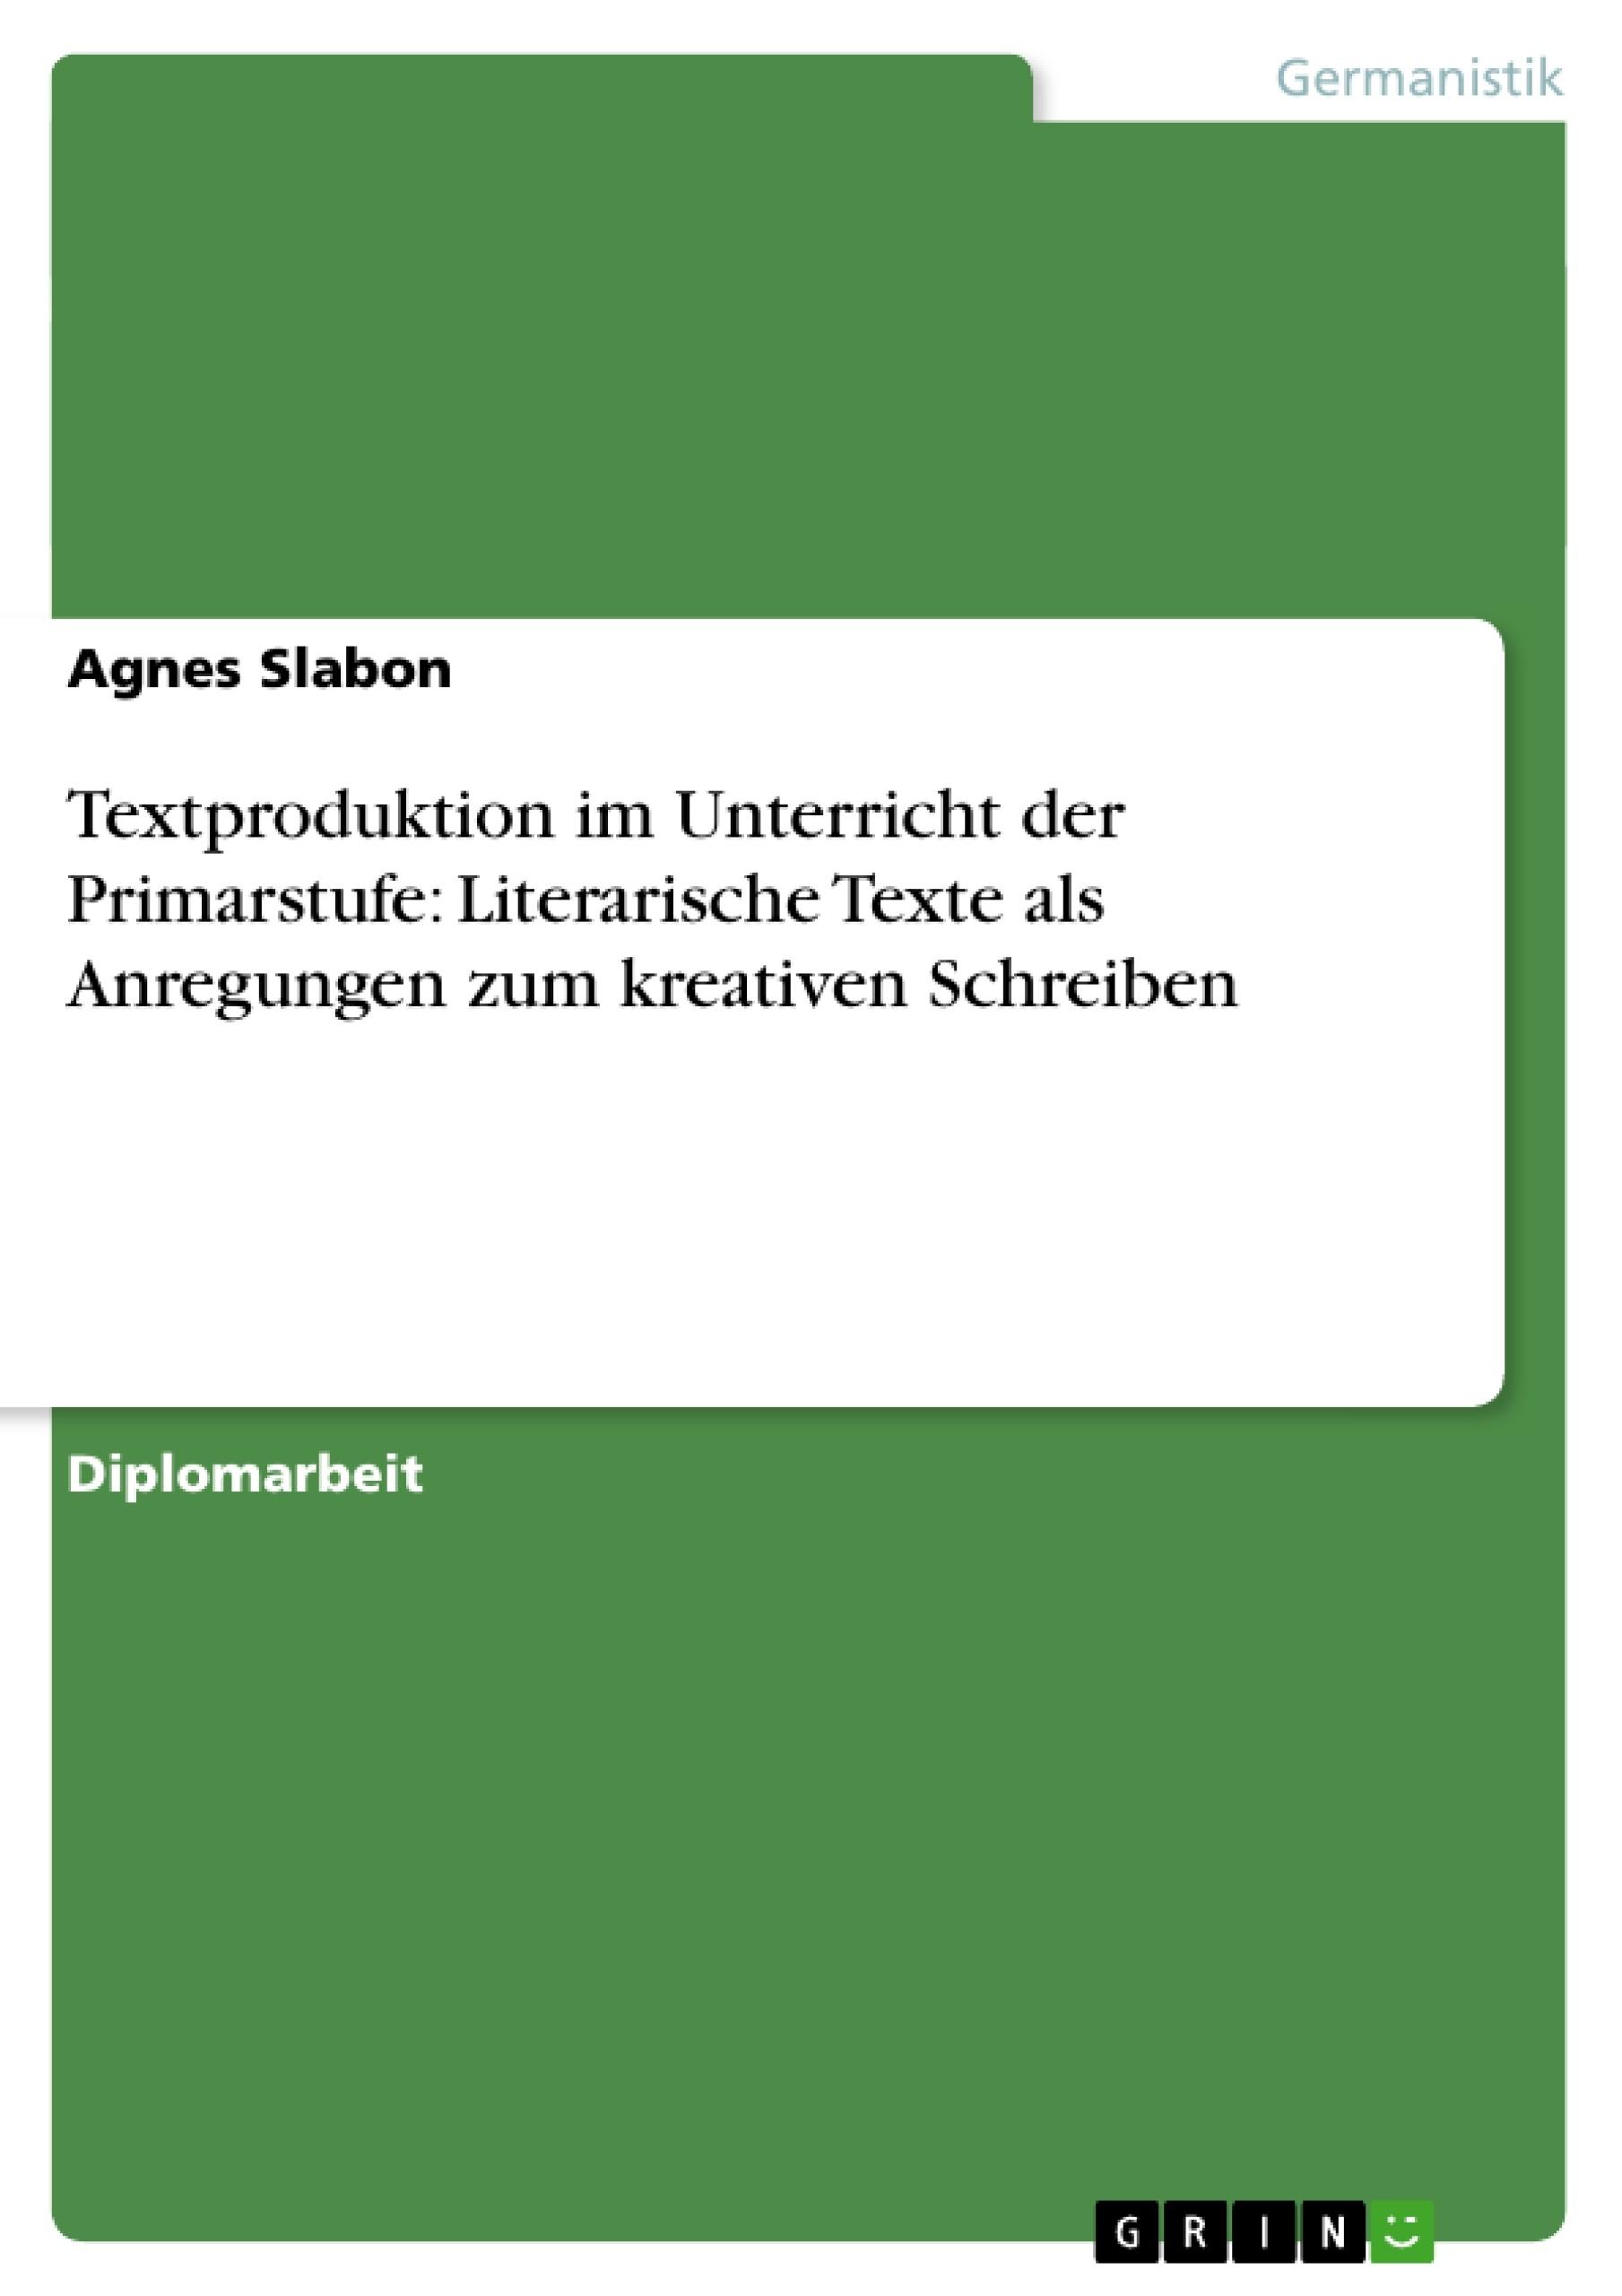 Titel: Textproduktion im Unterricht der Primarstufe: Literarische Texte als Anregungen zum kreativen Schreiben